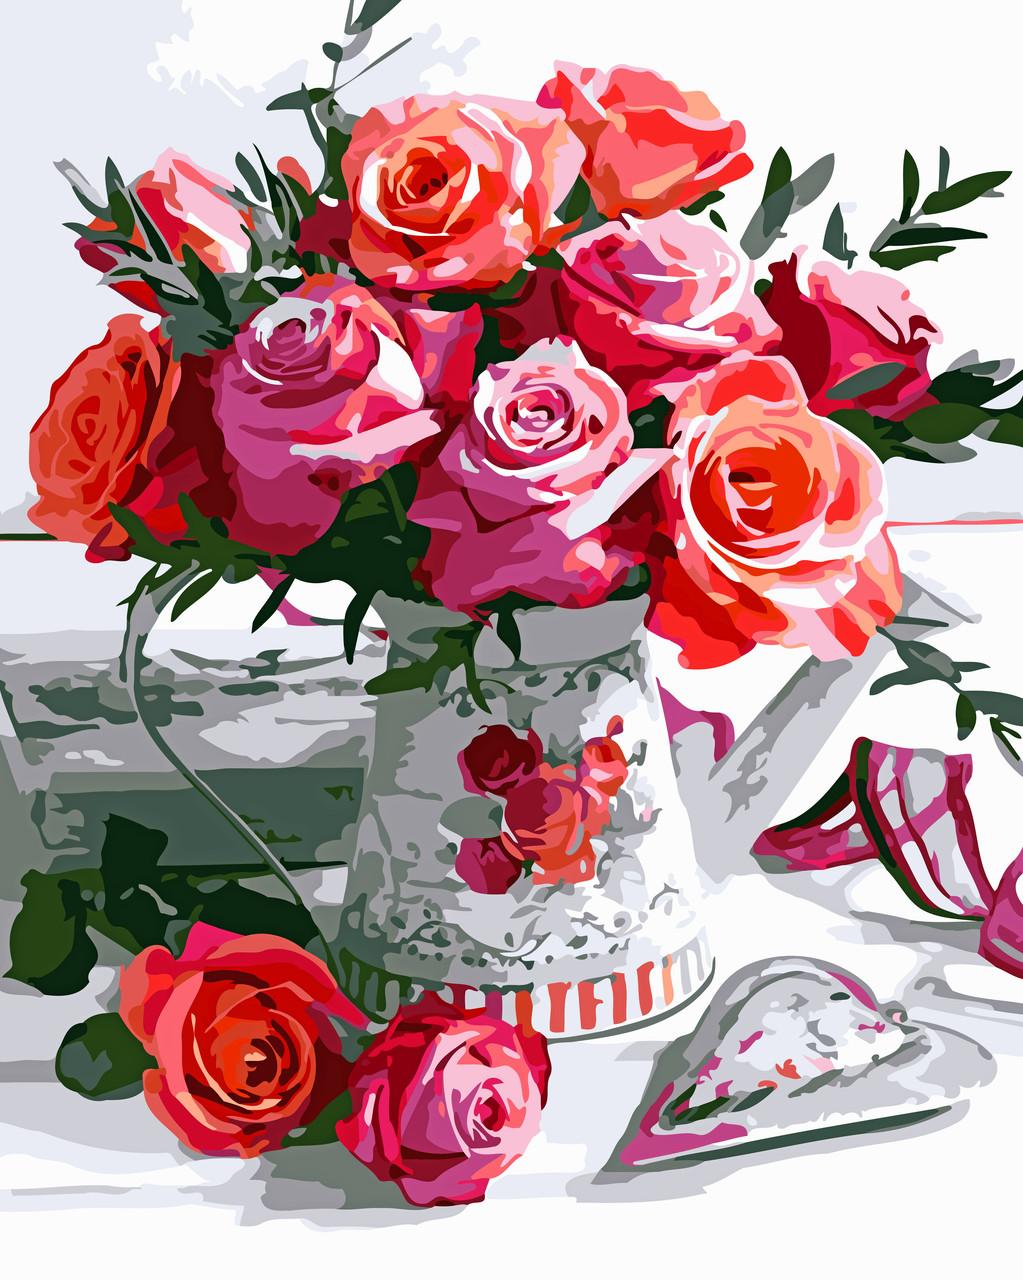 Художественный творческий набор, картина по номерам Букет роз, 40x50 см, «Art Story» (AS0519)